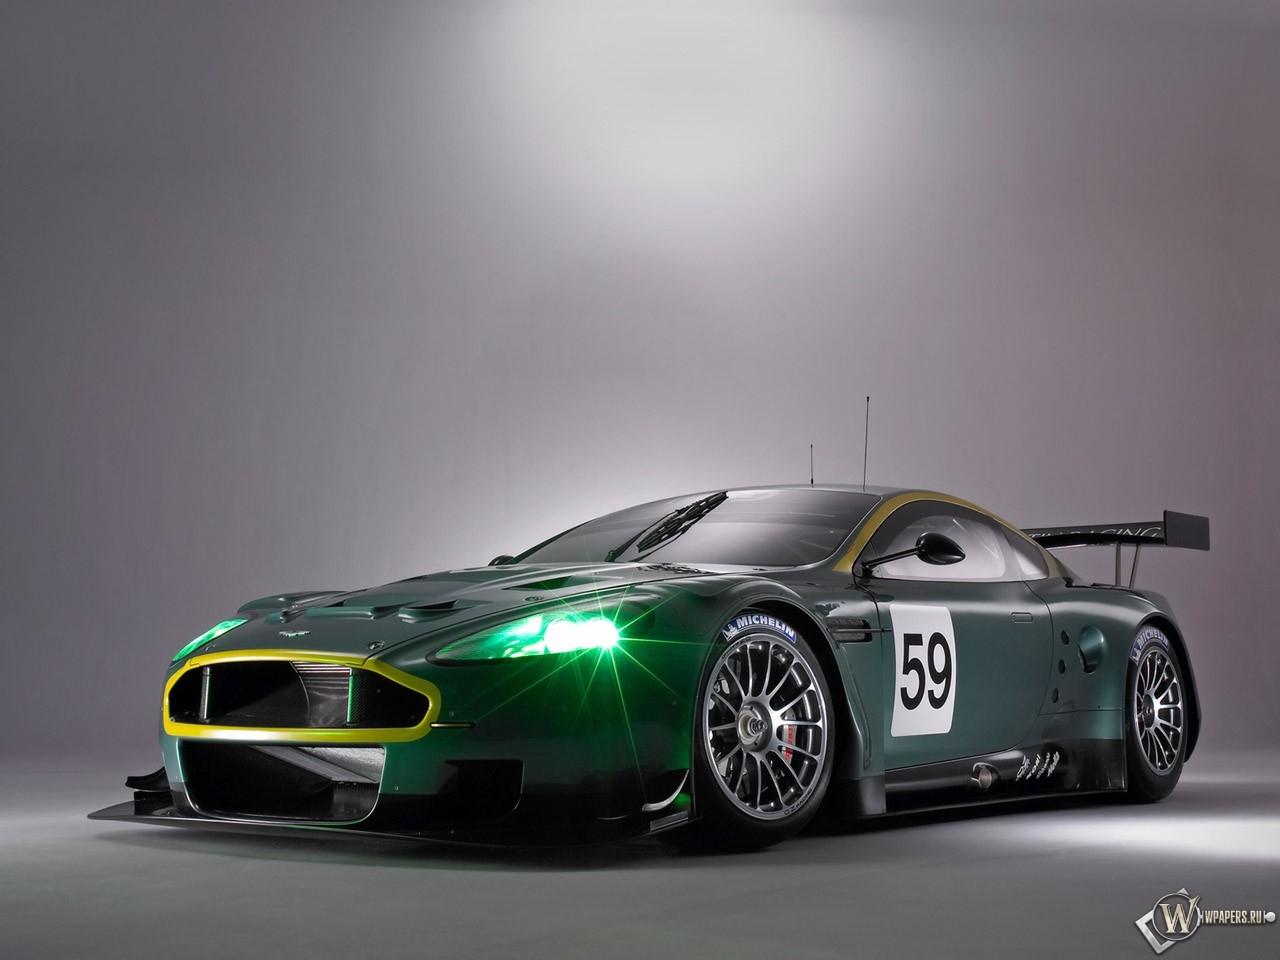 Aston martin DBR9 1280x960